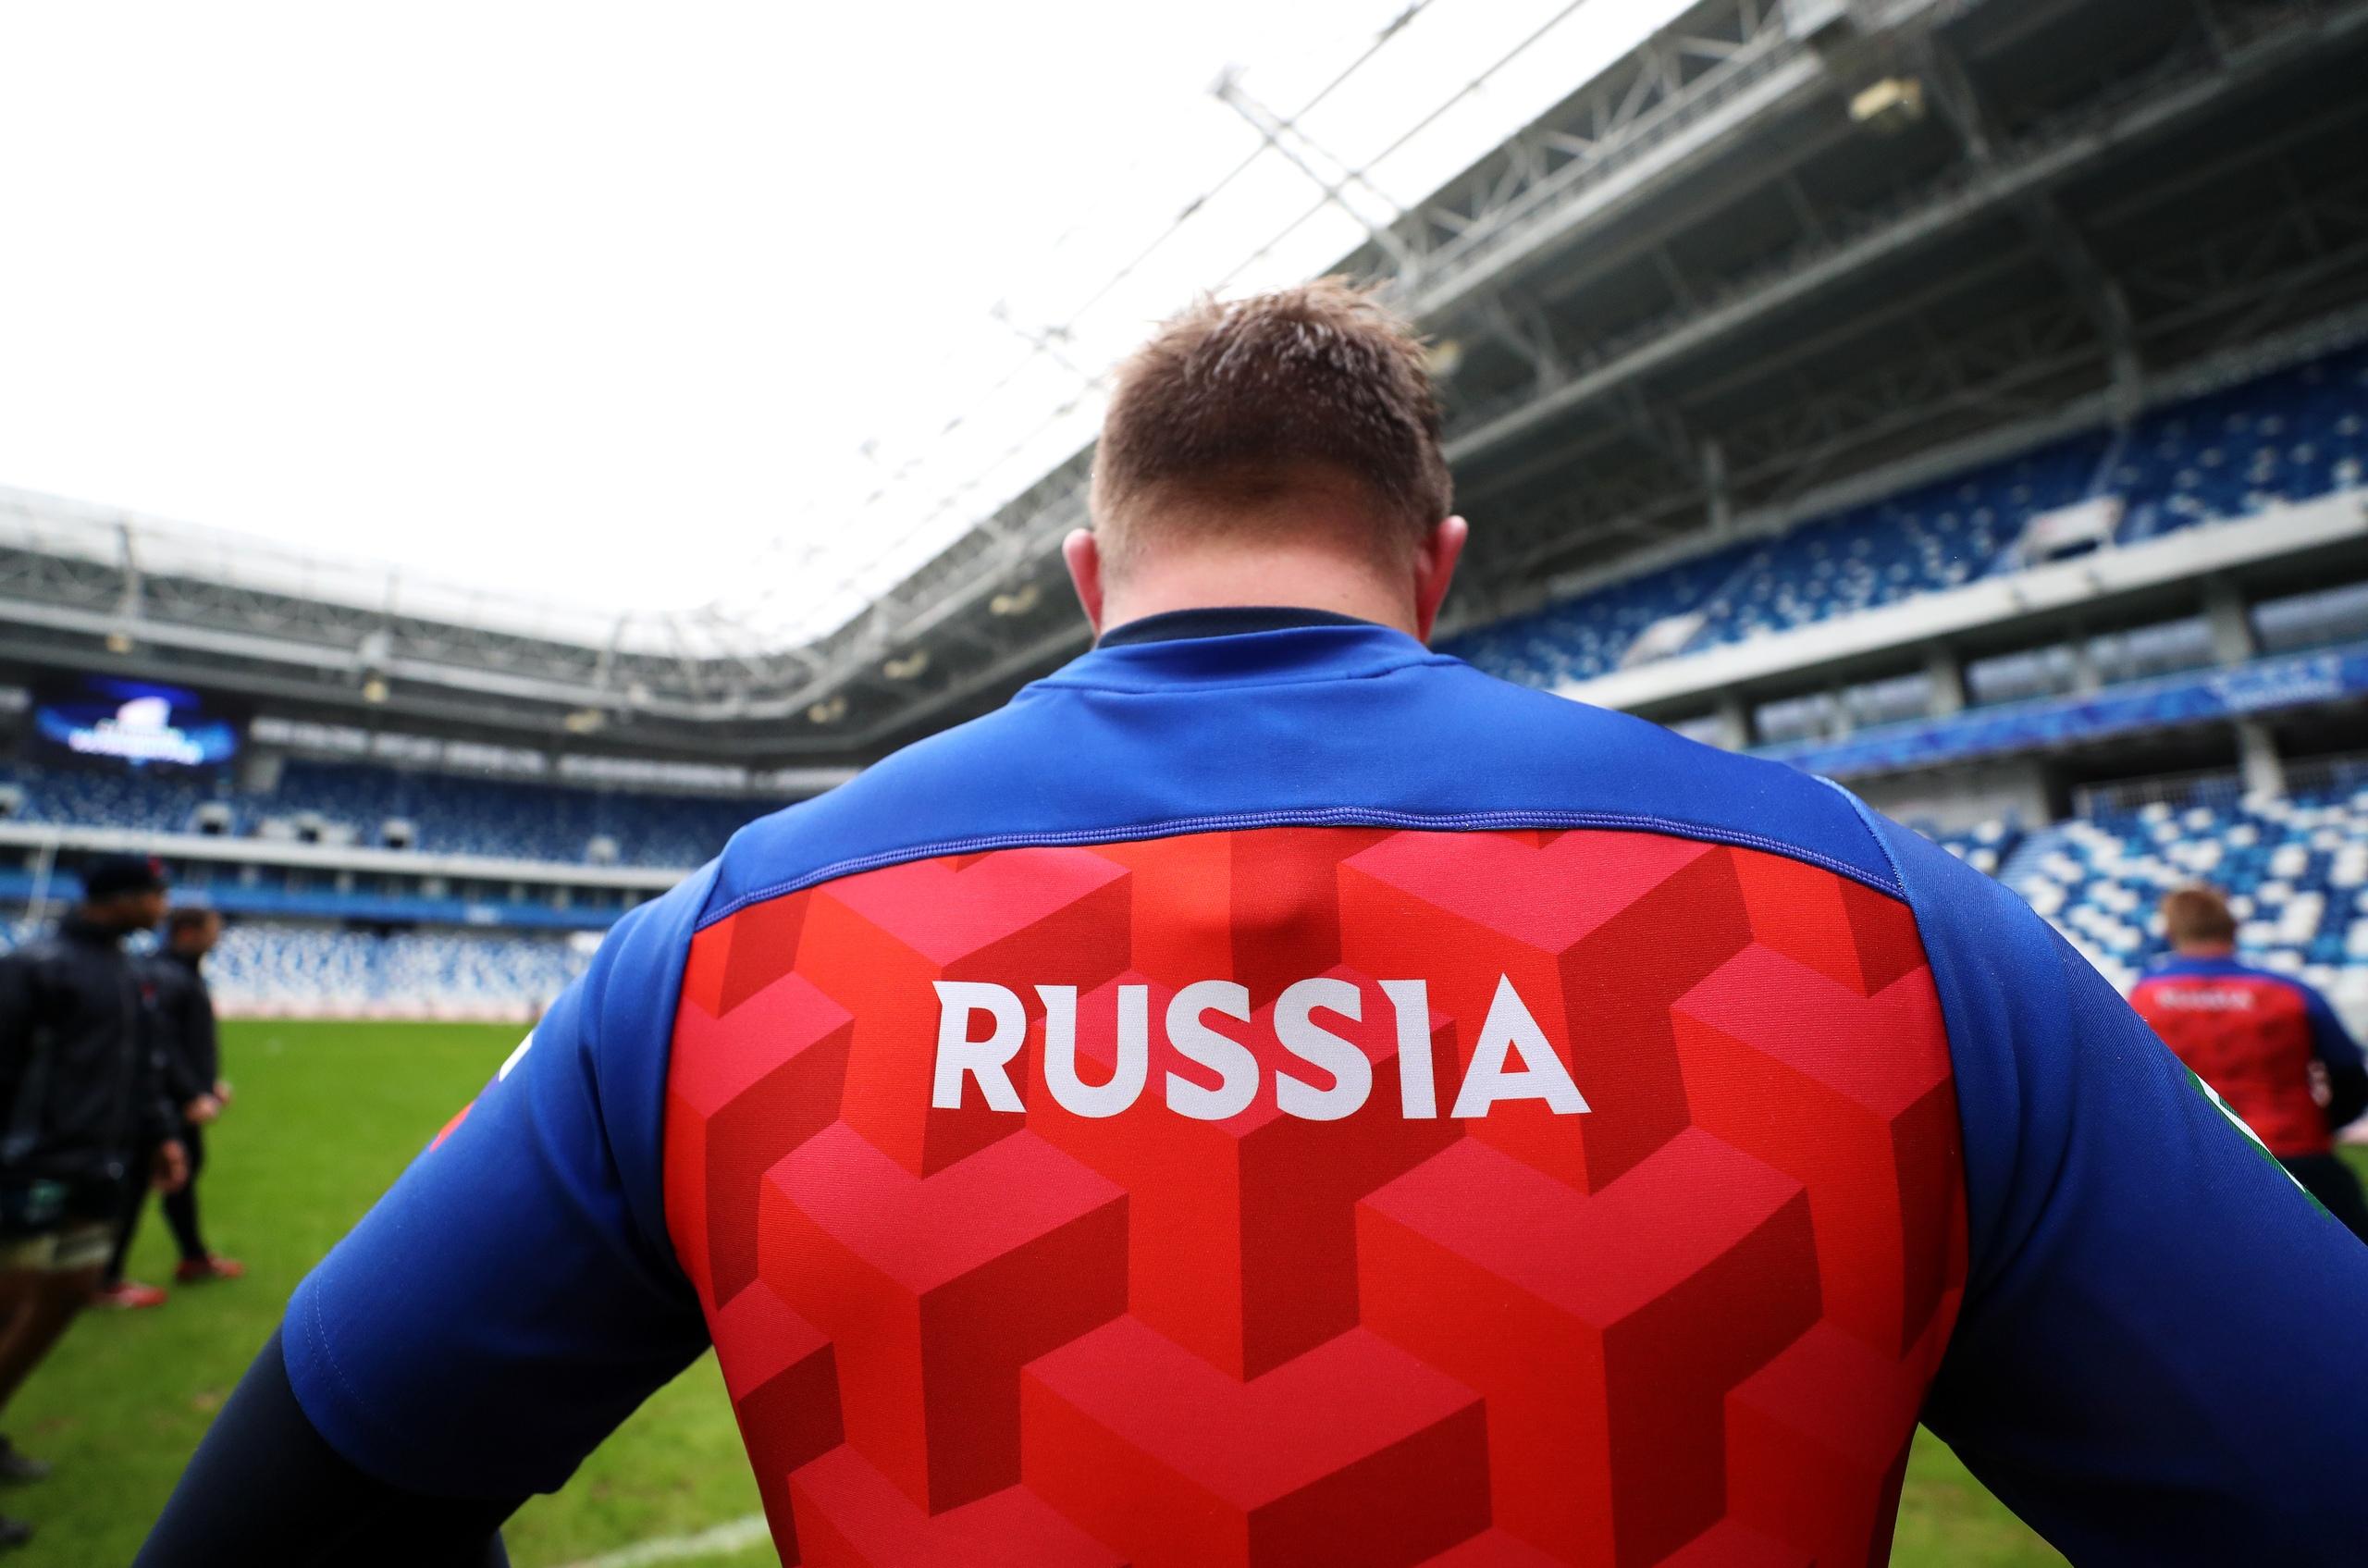 В Краснодаре пройдет матч чемпионата Европы по регби